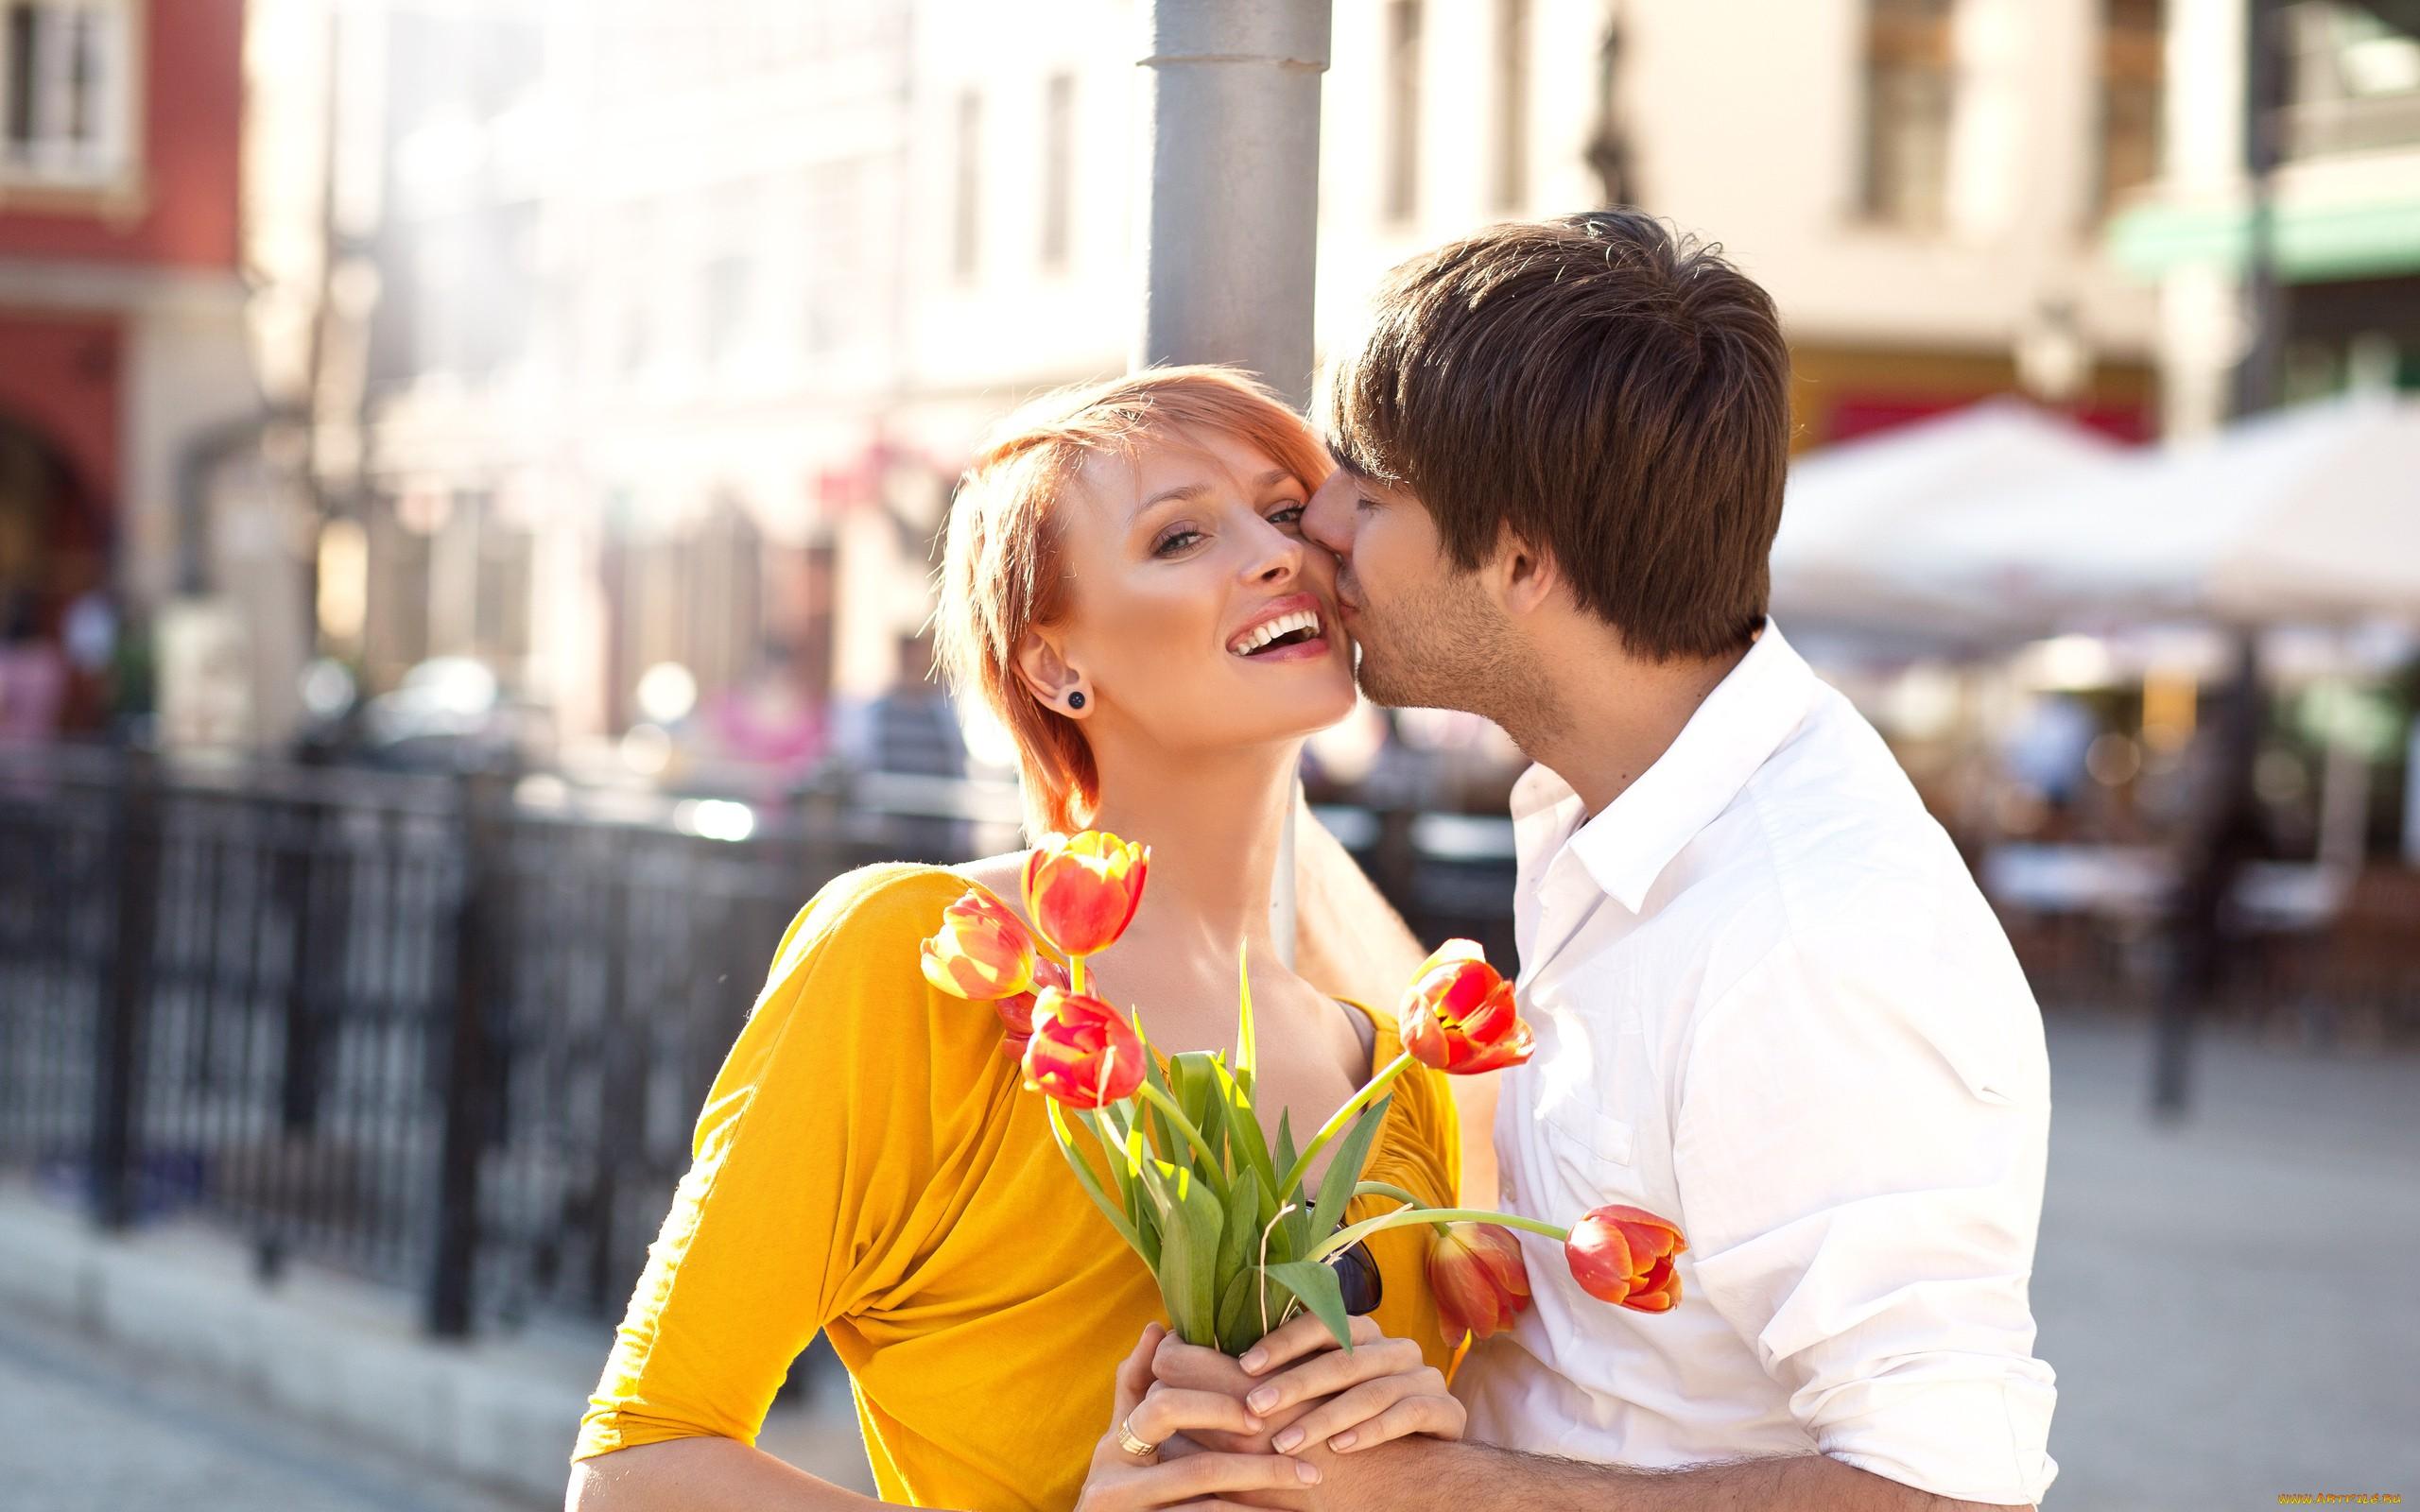 Мое счастье, желанный мой, сердце мое, моя судьба, мой единственный, милый мой, сладкий мой!